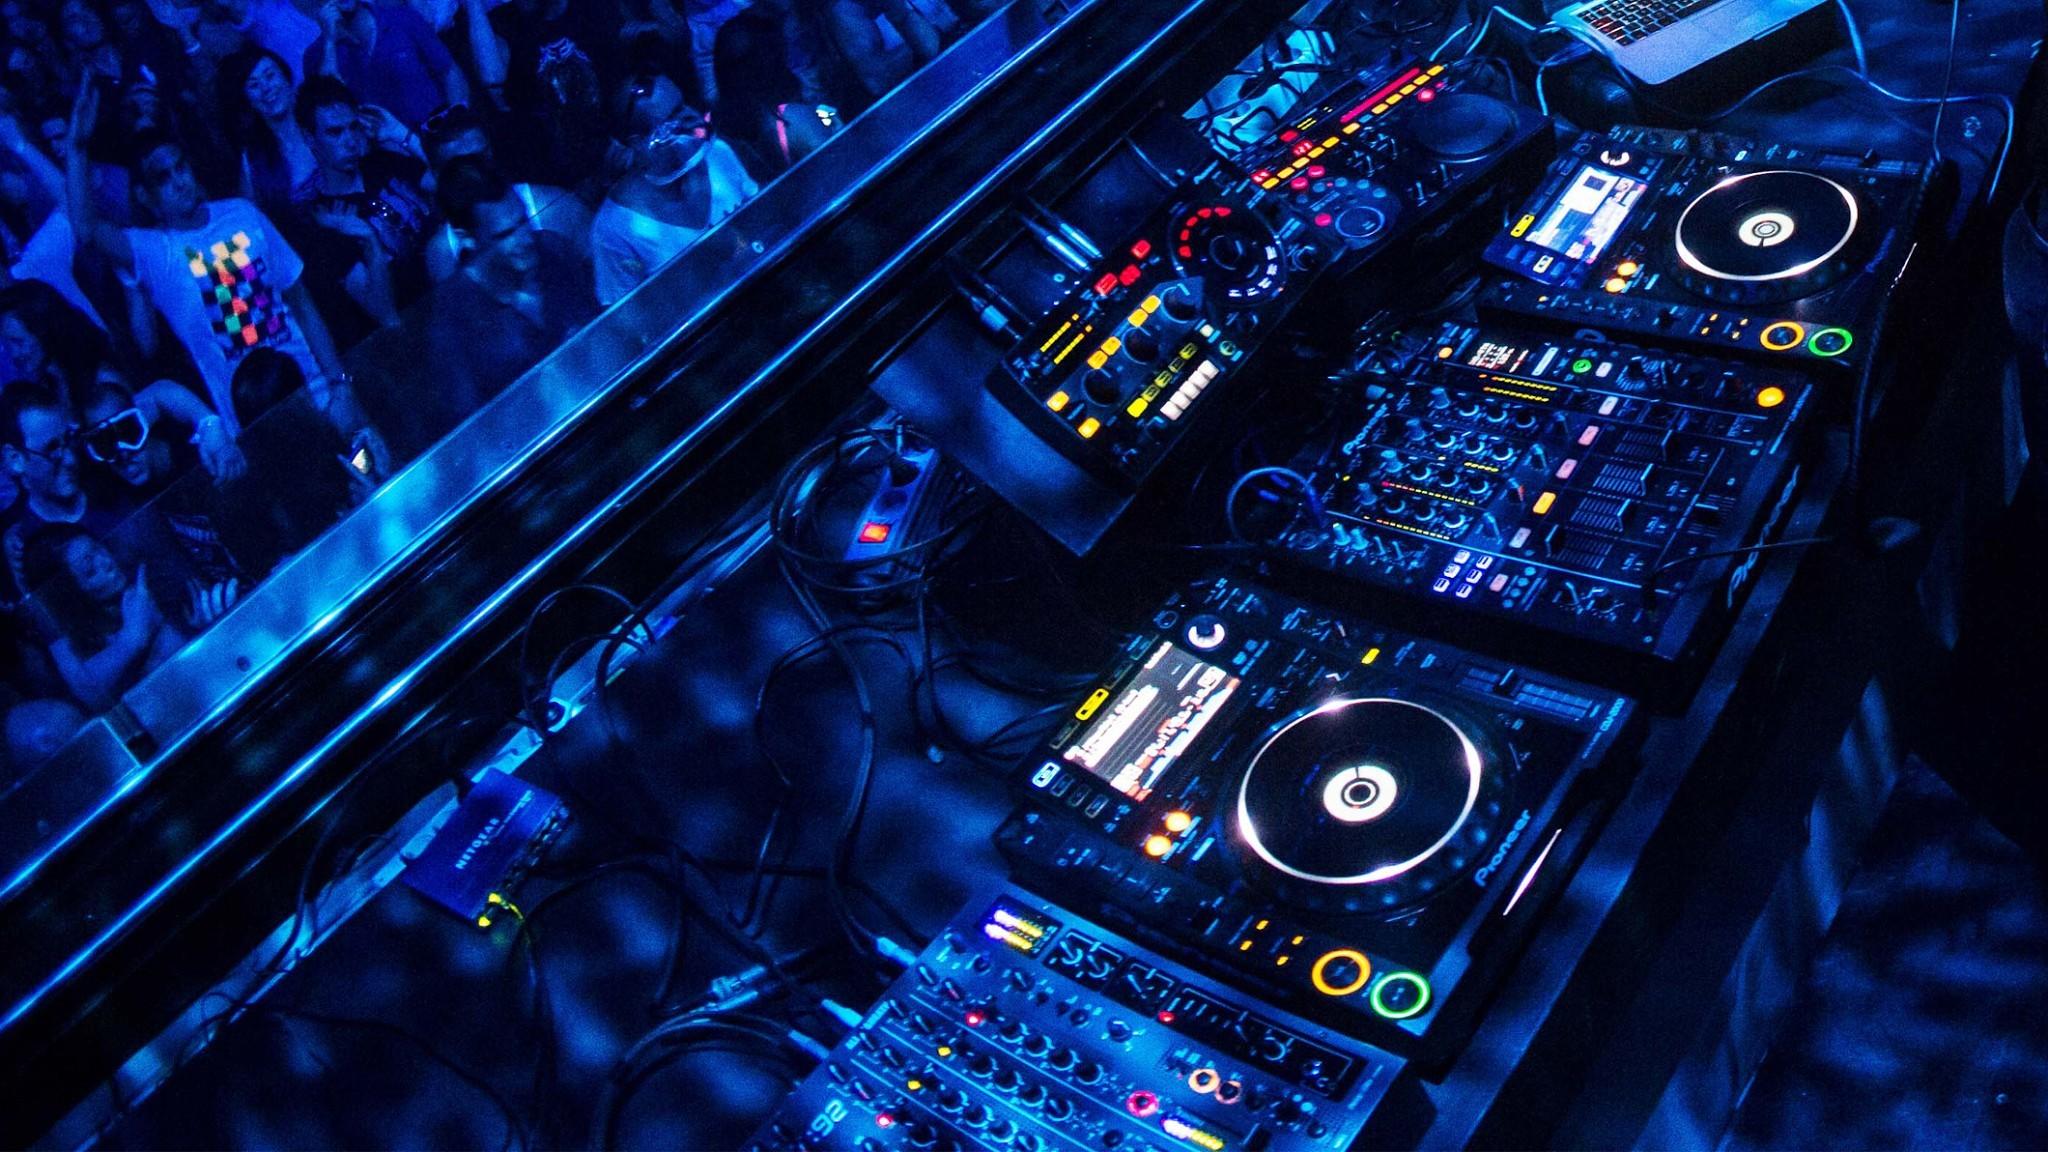 DJ mixer HD Wallpaper | Wallpapers | Pinterest | Mixers, Dj and Hd wallpaper